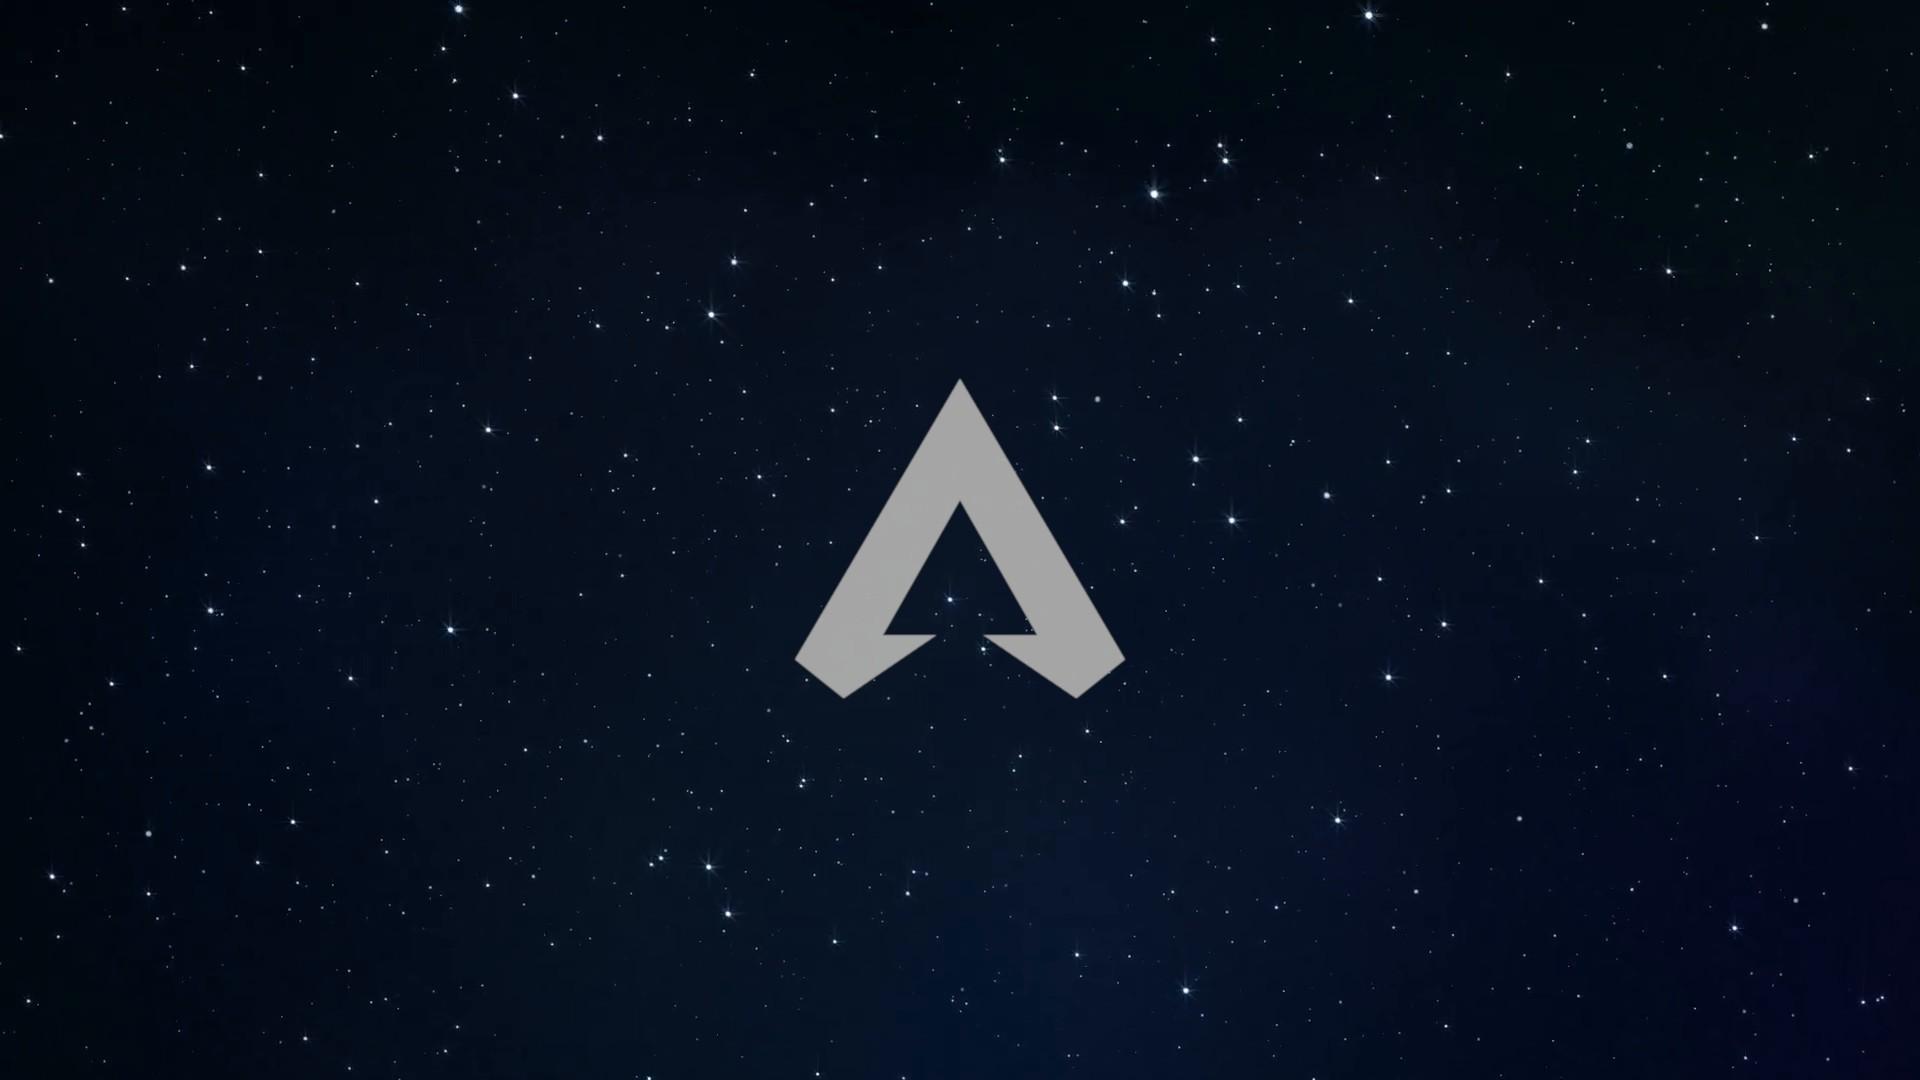 Apex Wallpaper theme